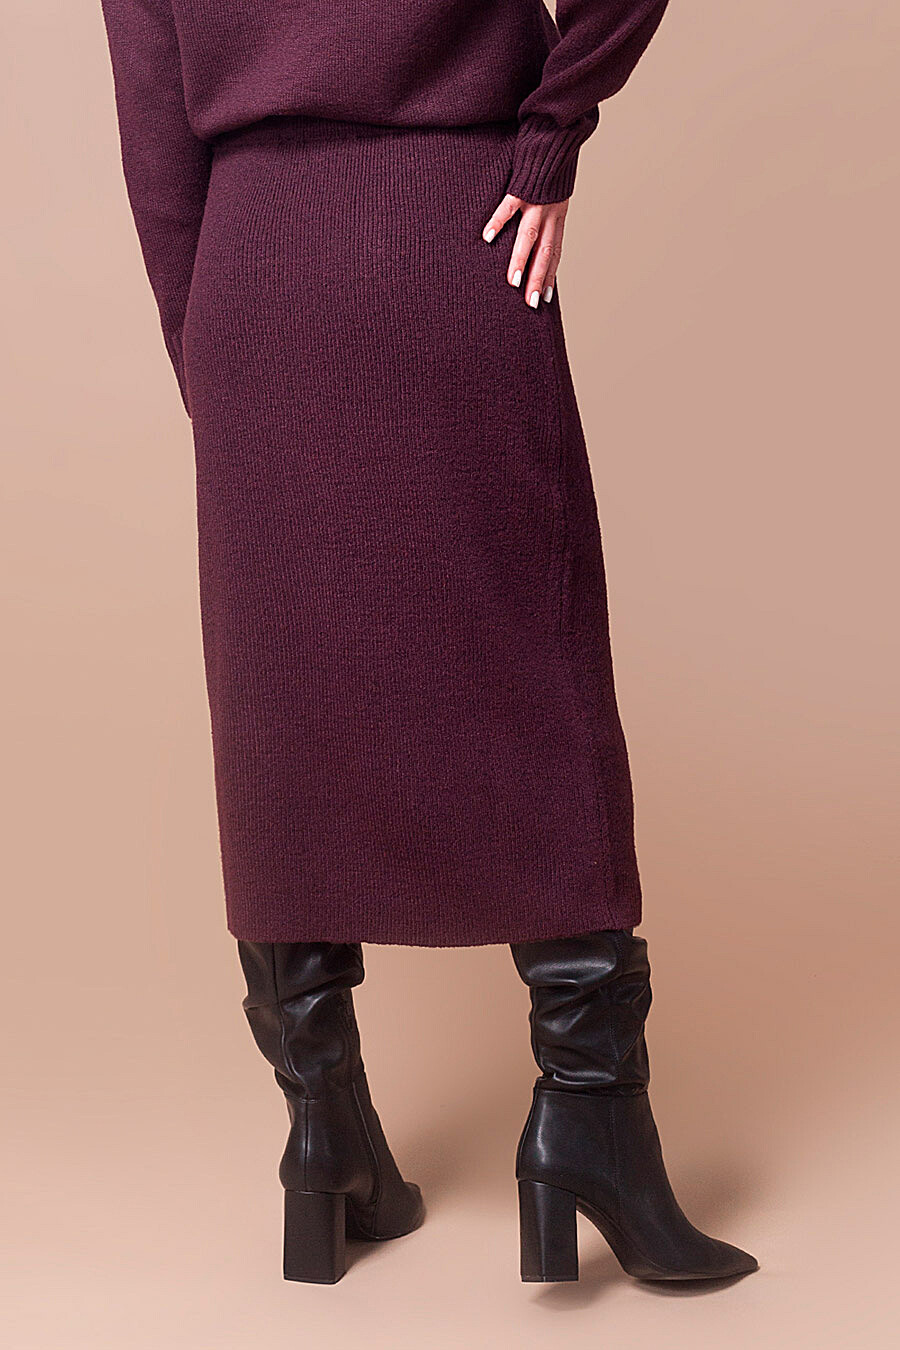 Юбка для женщин VILATTE 700252 купить оптом от производителя. Совместная покупка женской одежды в OptMoyo